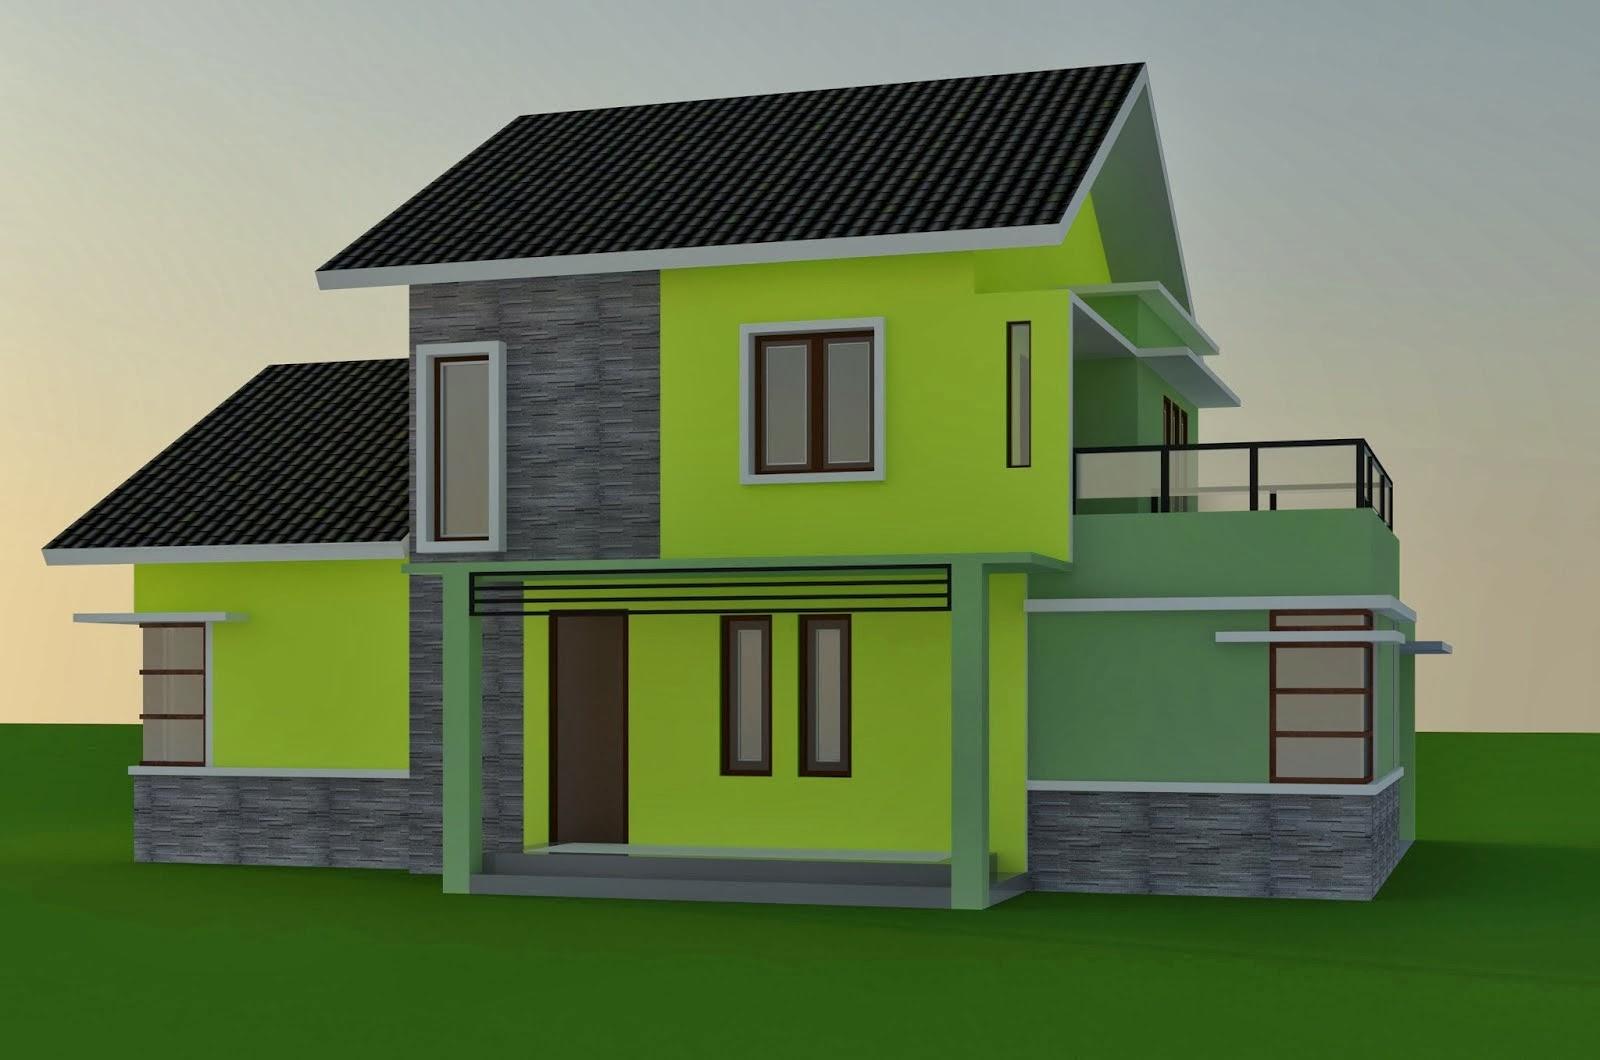 gambar warna cat dinding rumah minimalis tampak depan